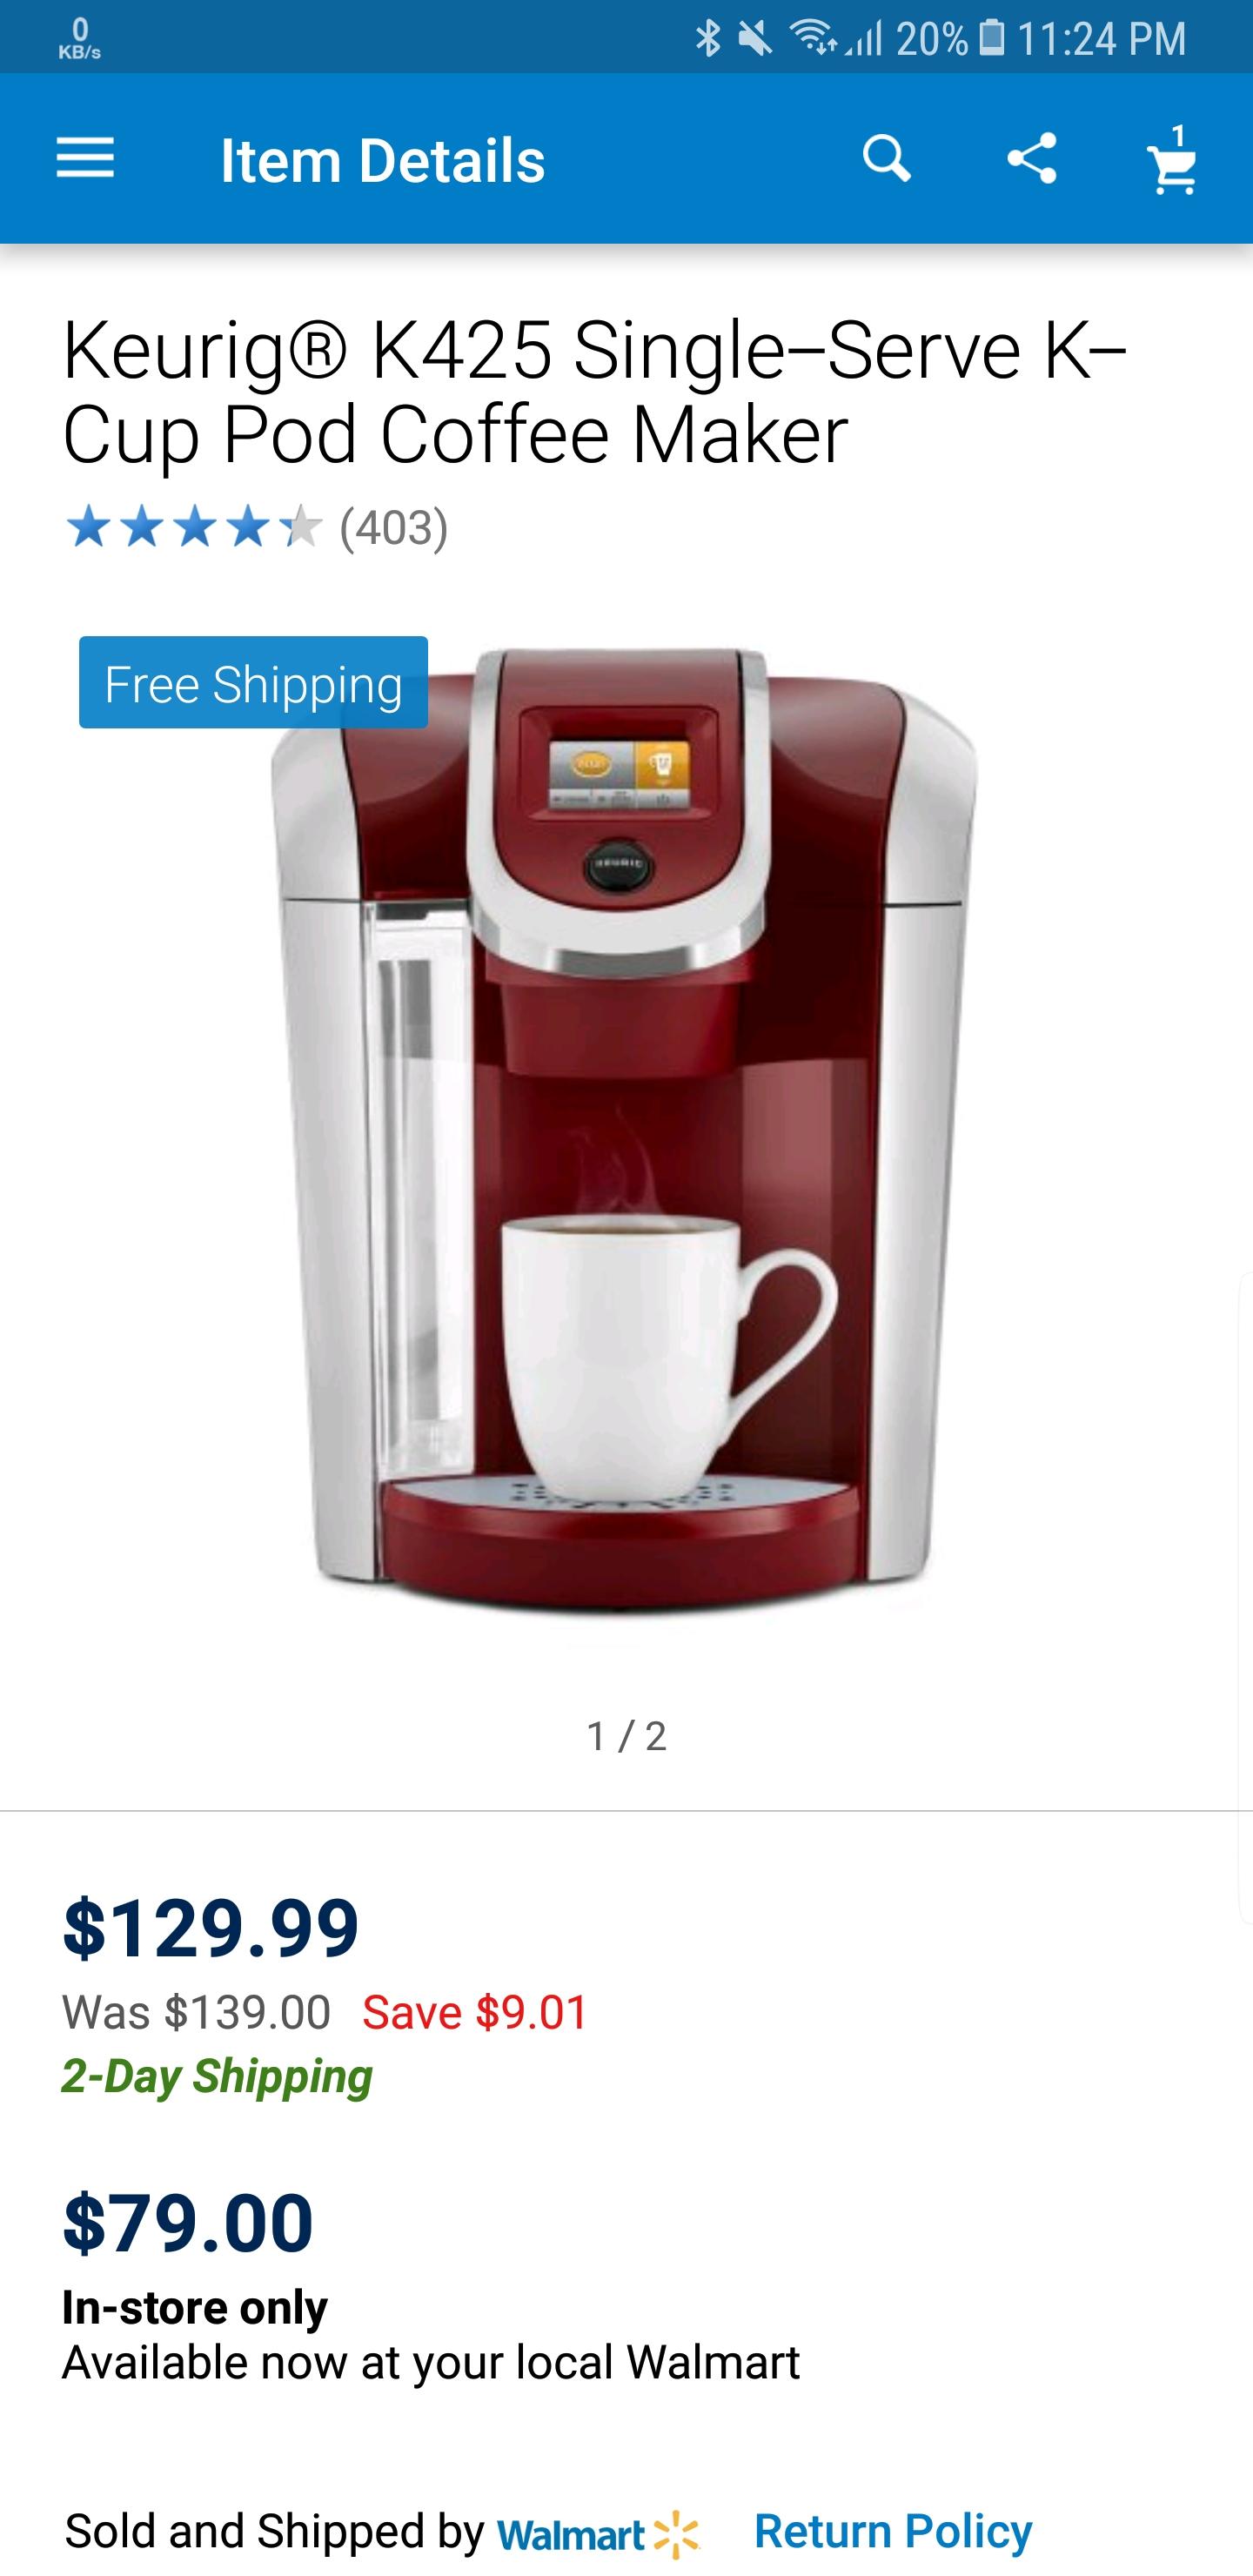 Keurig K425 Coffee maker - Walmart (ymmv) $80